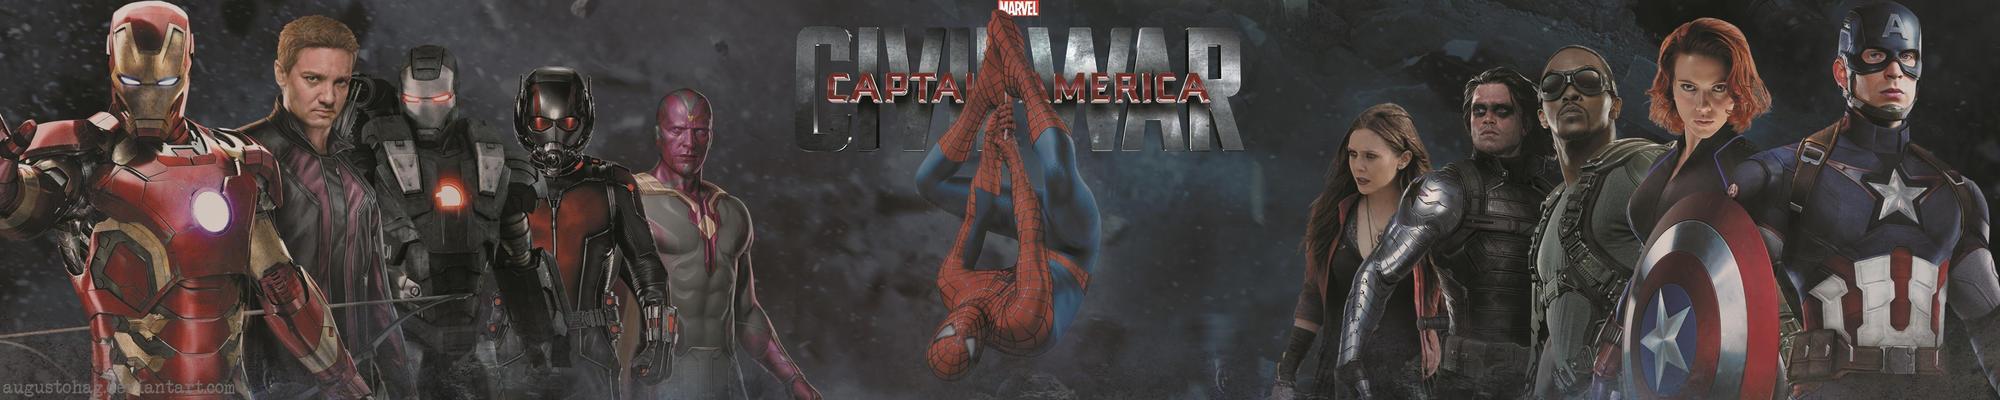 Captain America: Civil War MARVEL by augustohag